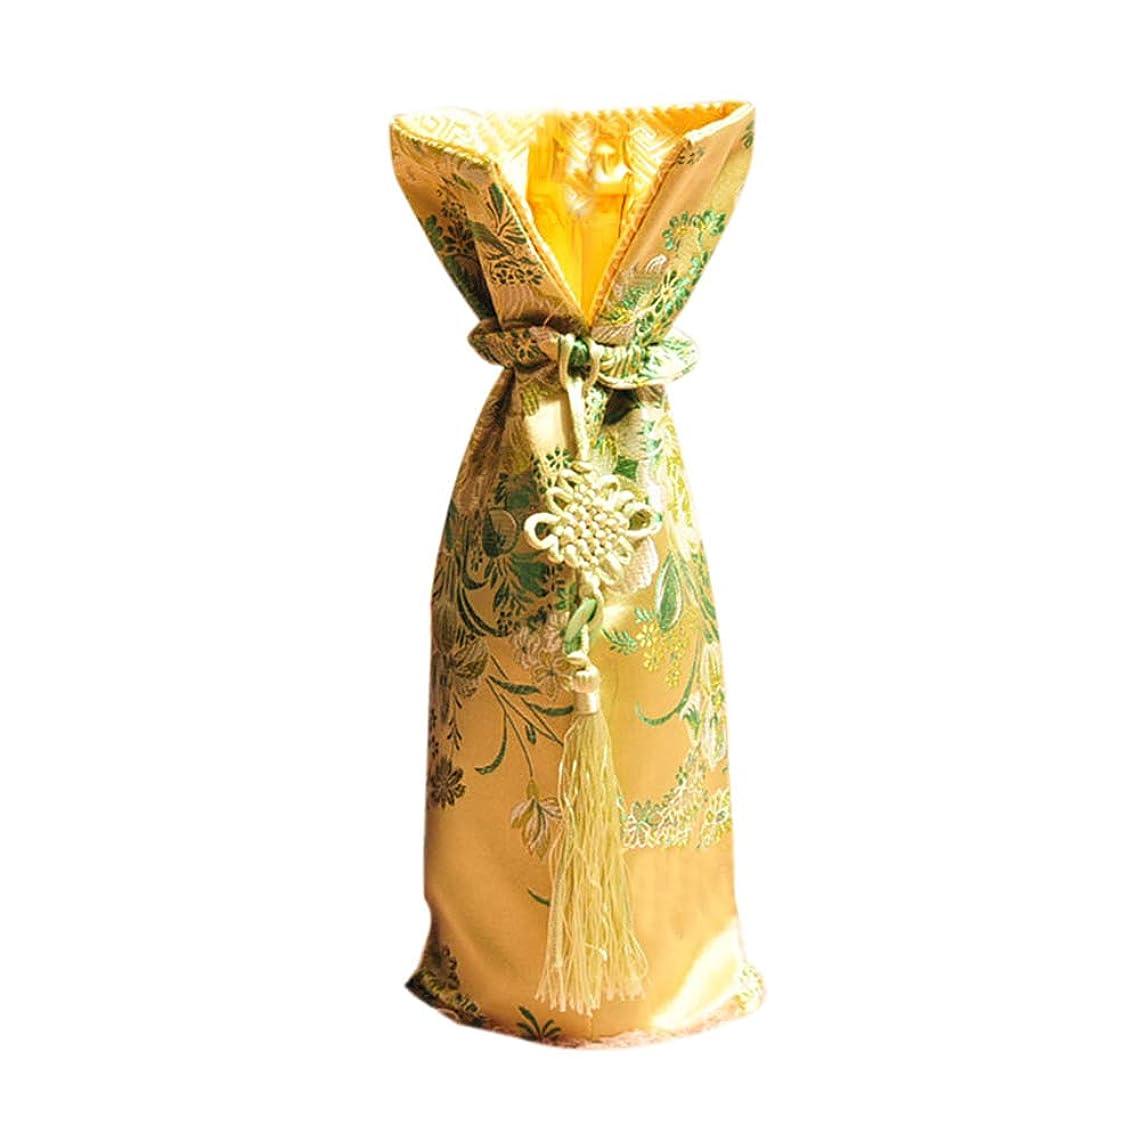 リットル理解ぬいぐるみシャンパンボトルバッグ和風/中華風黄色装飾ワインボトルカバー